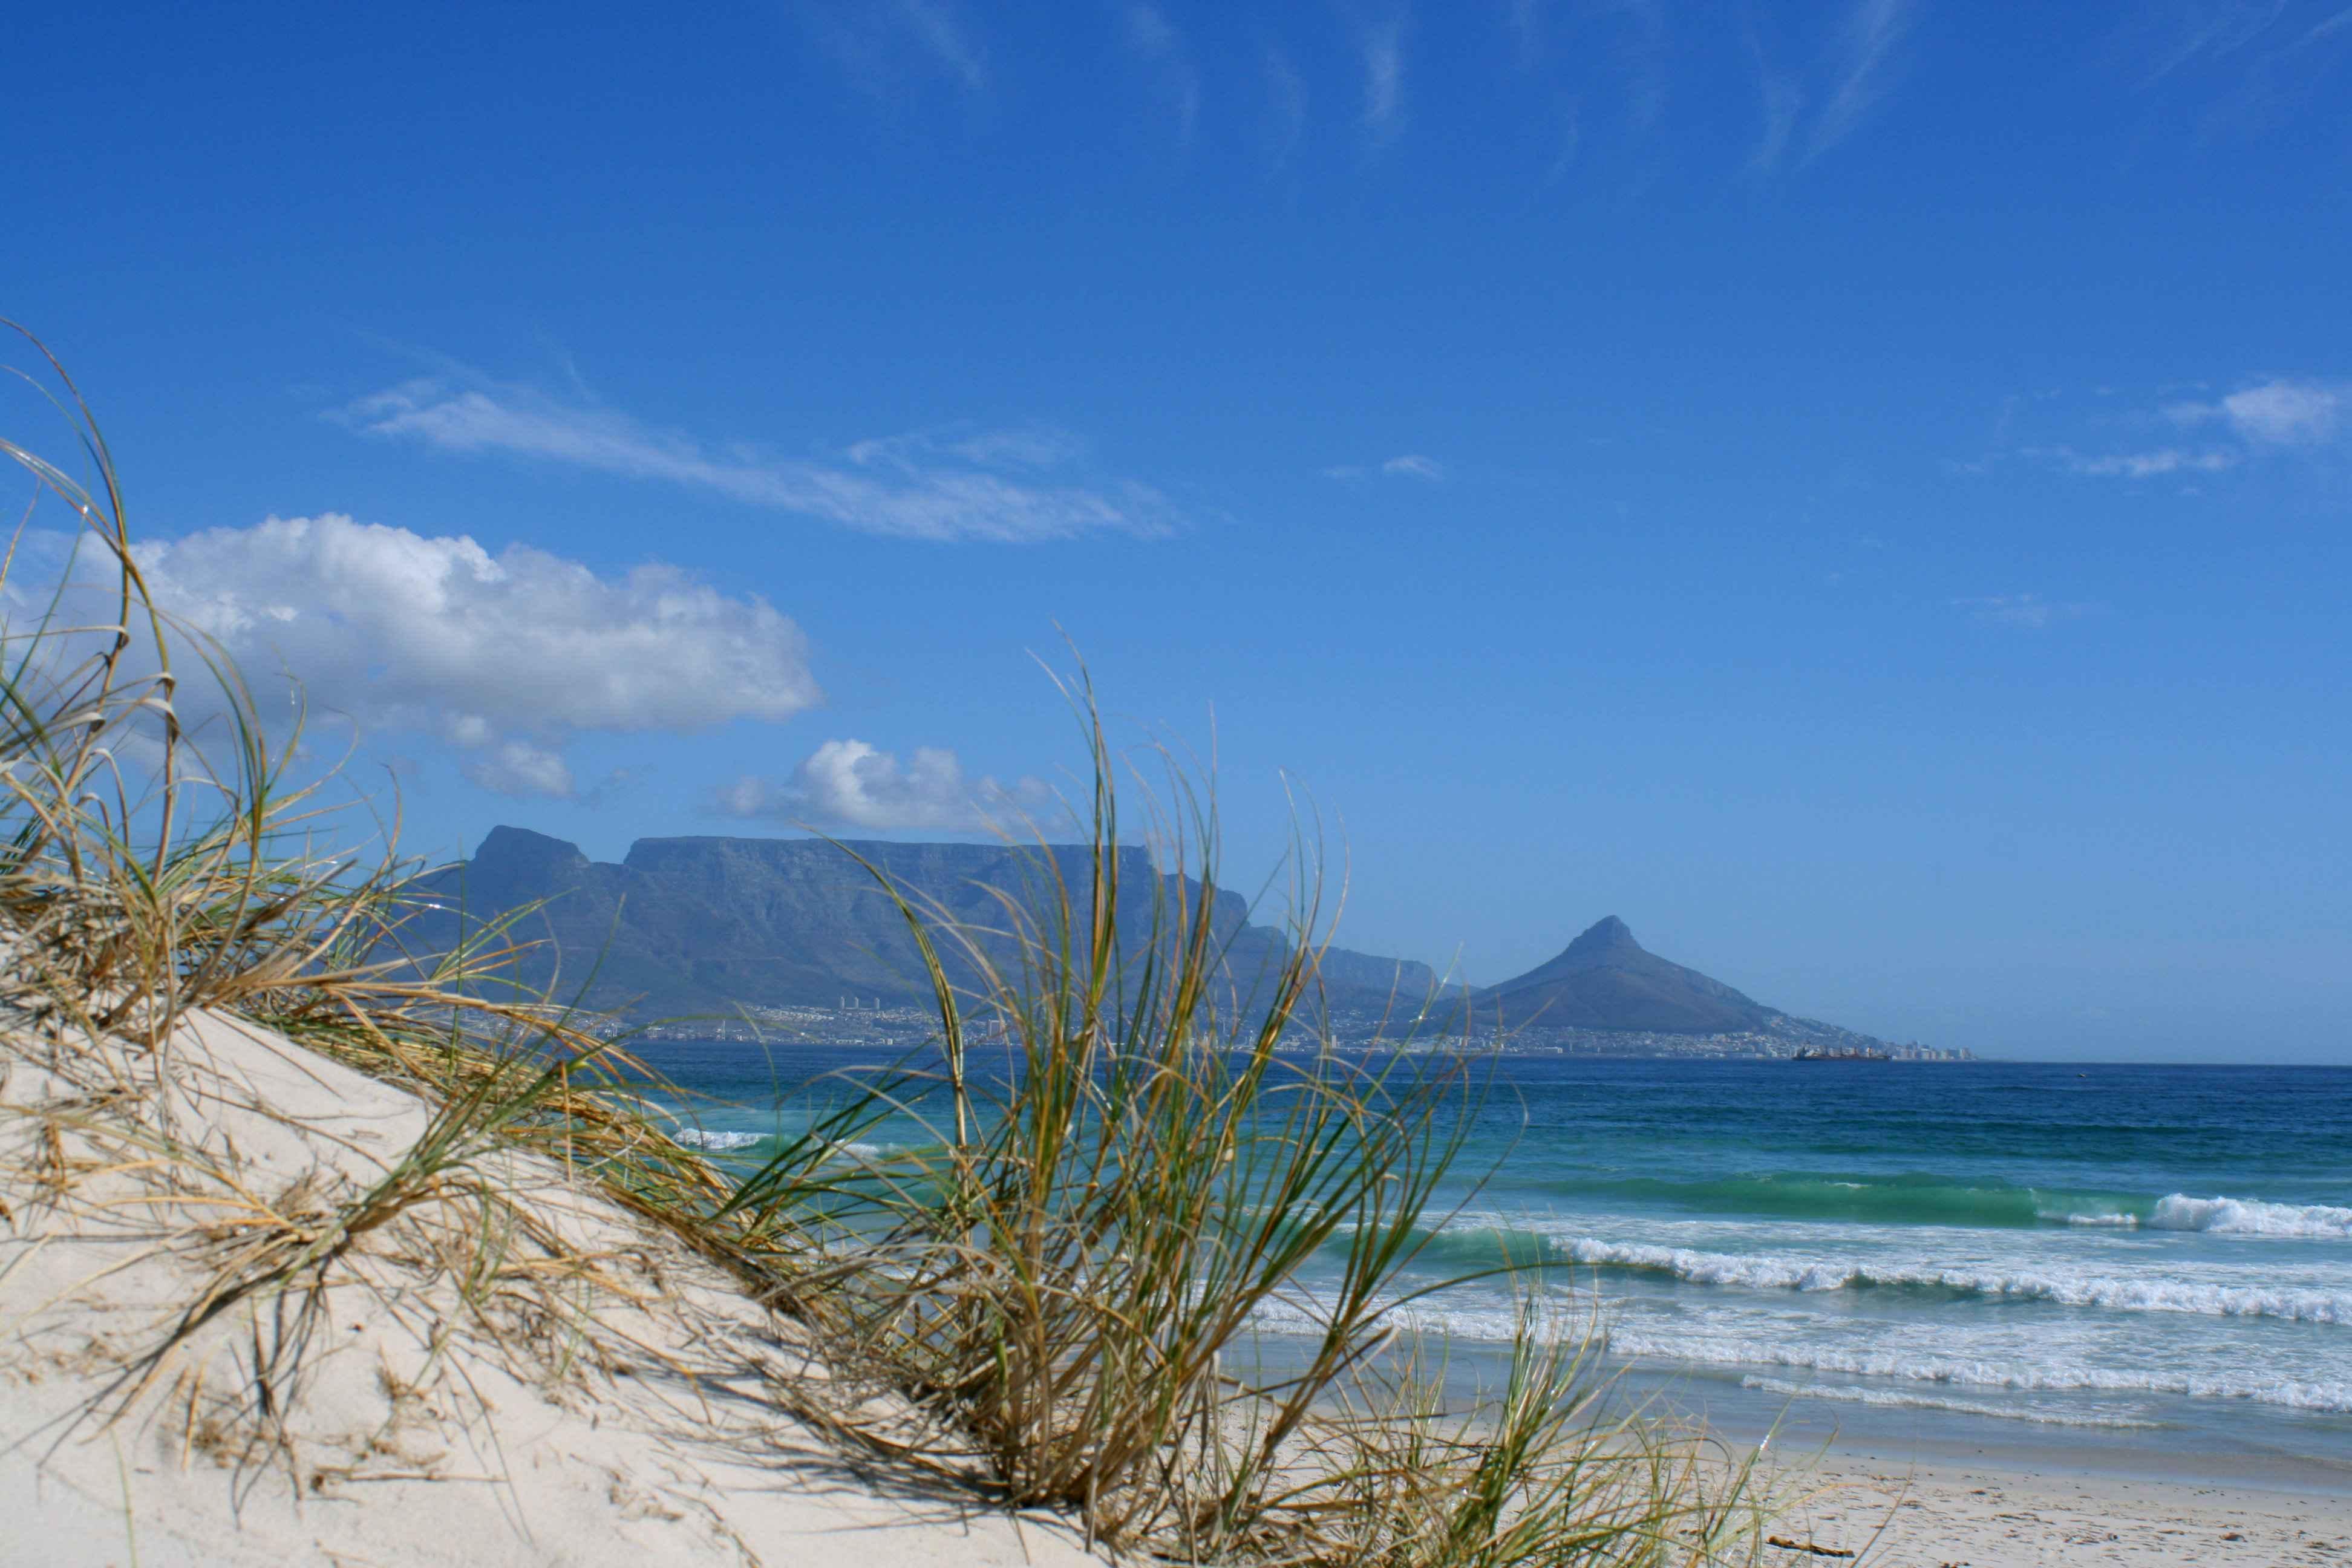 Blaauberg-Beach-Cape-Town